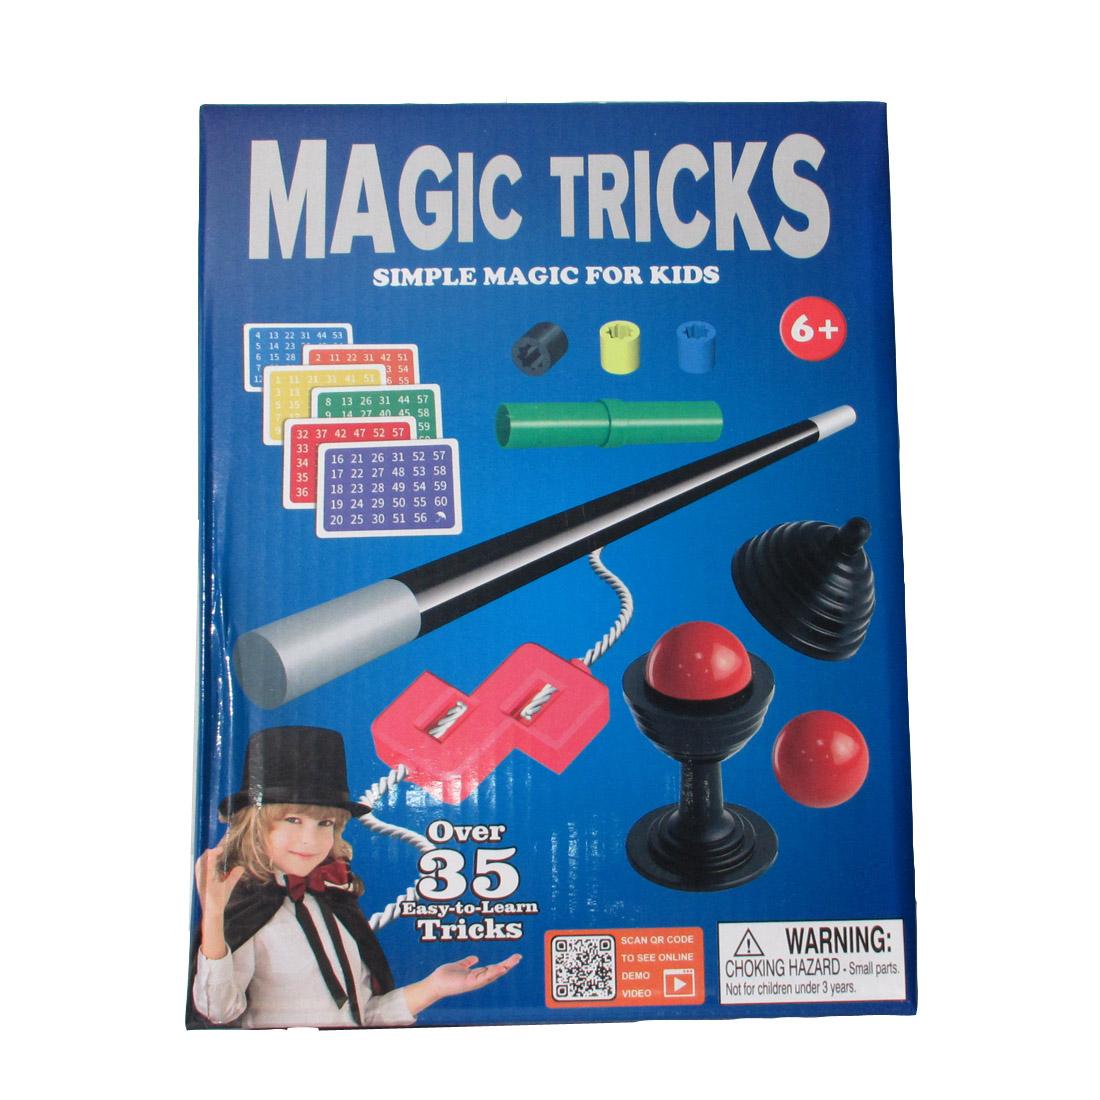 ابزار شعبده بازی مجیک تریکس مدل 35